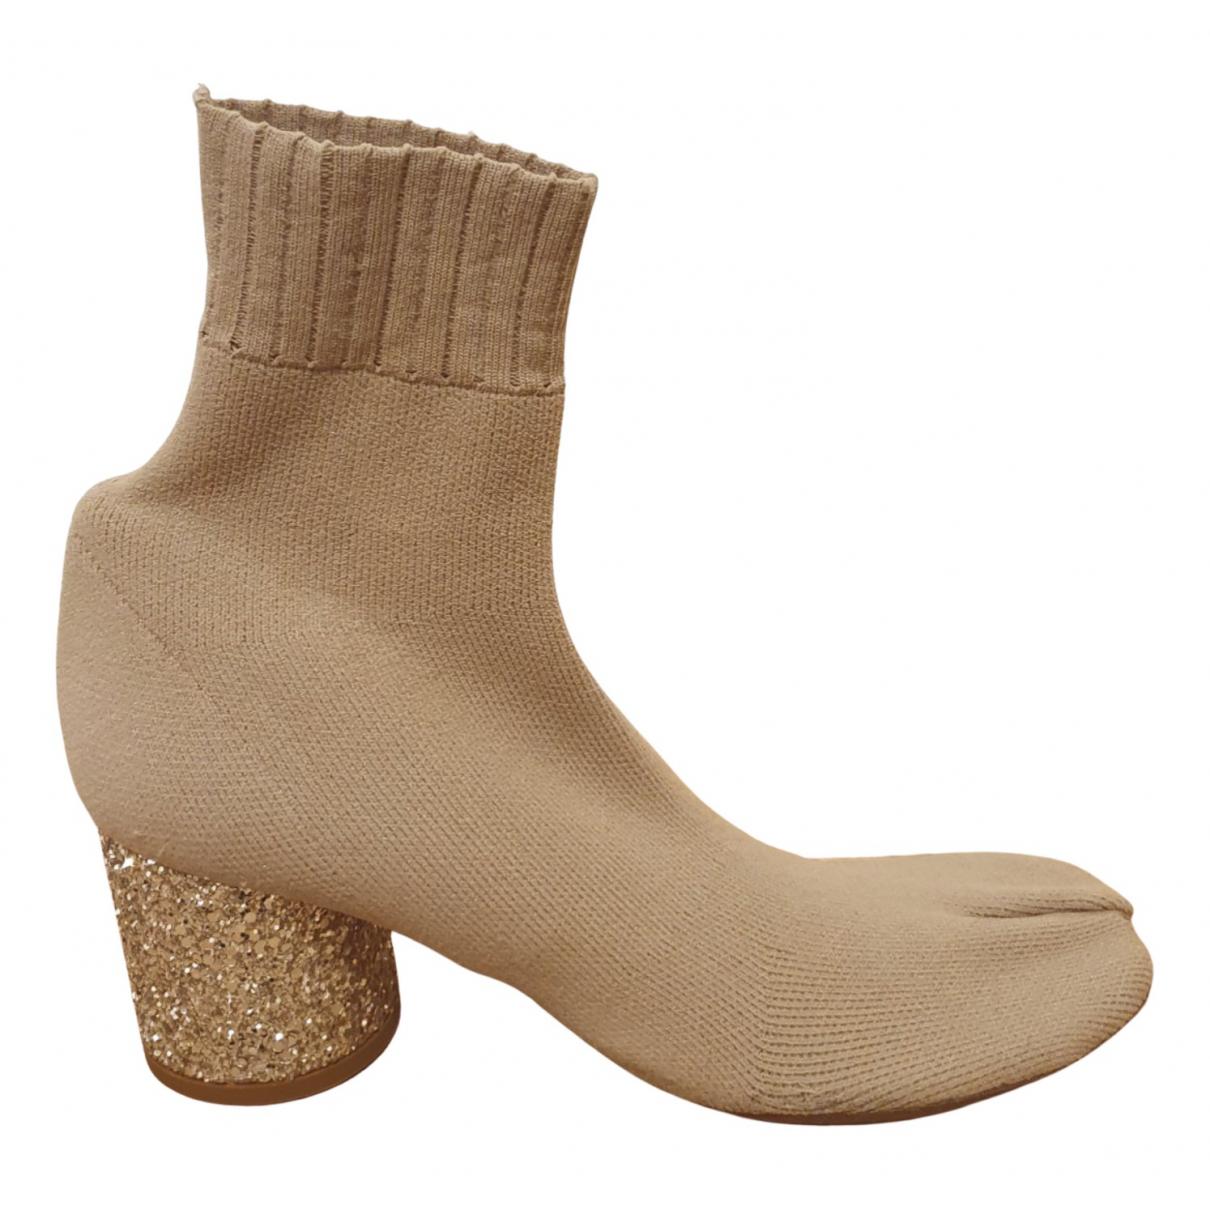 Maison Martin Margiela - Boots Tabi pour femme en toile - beige